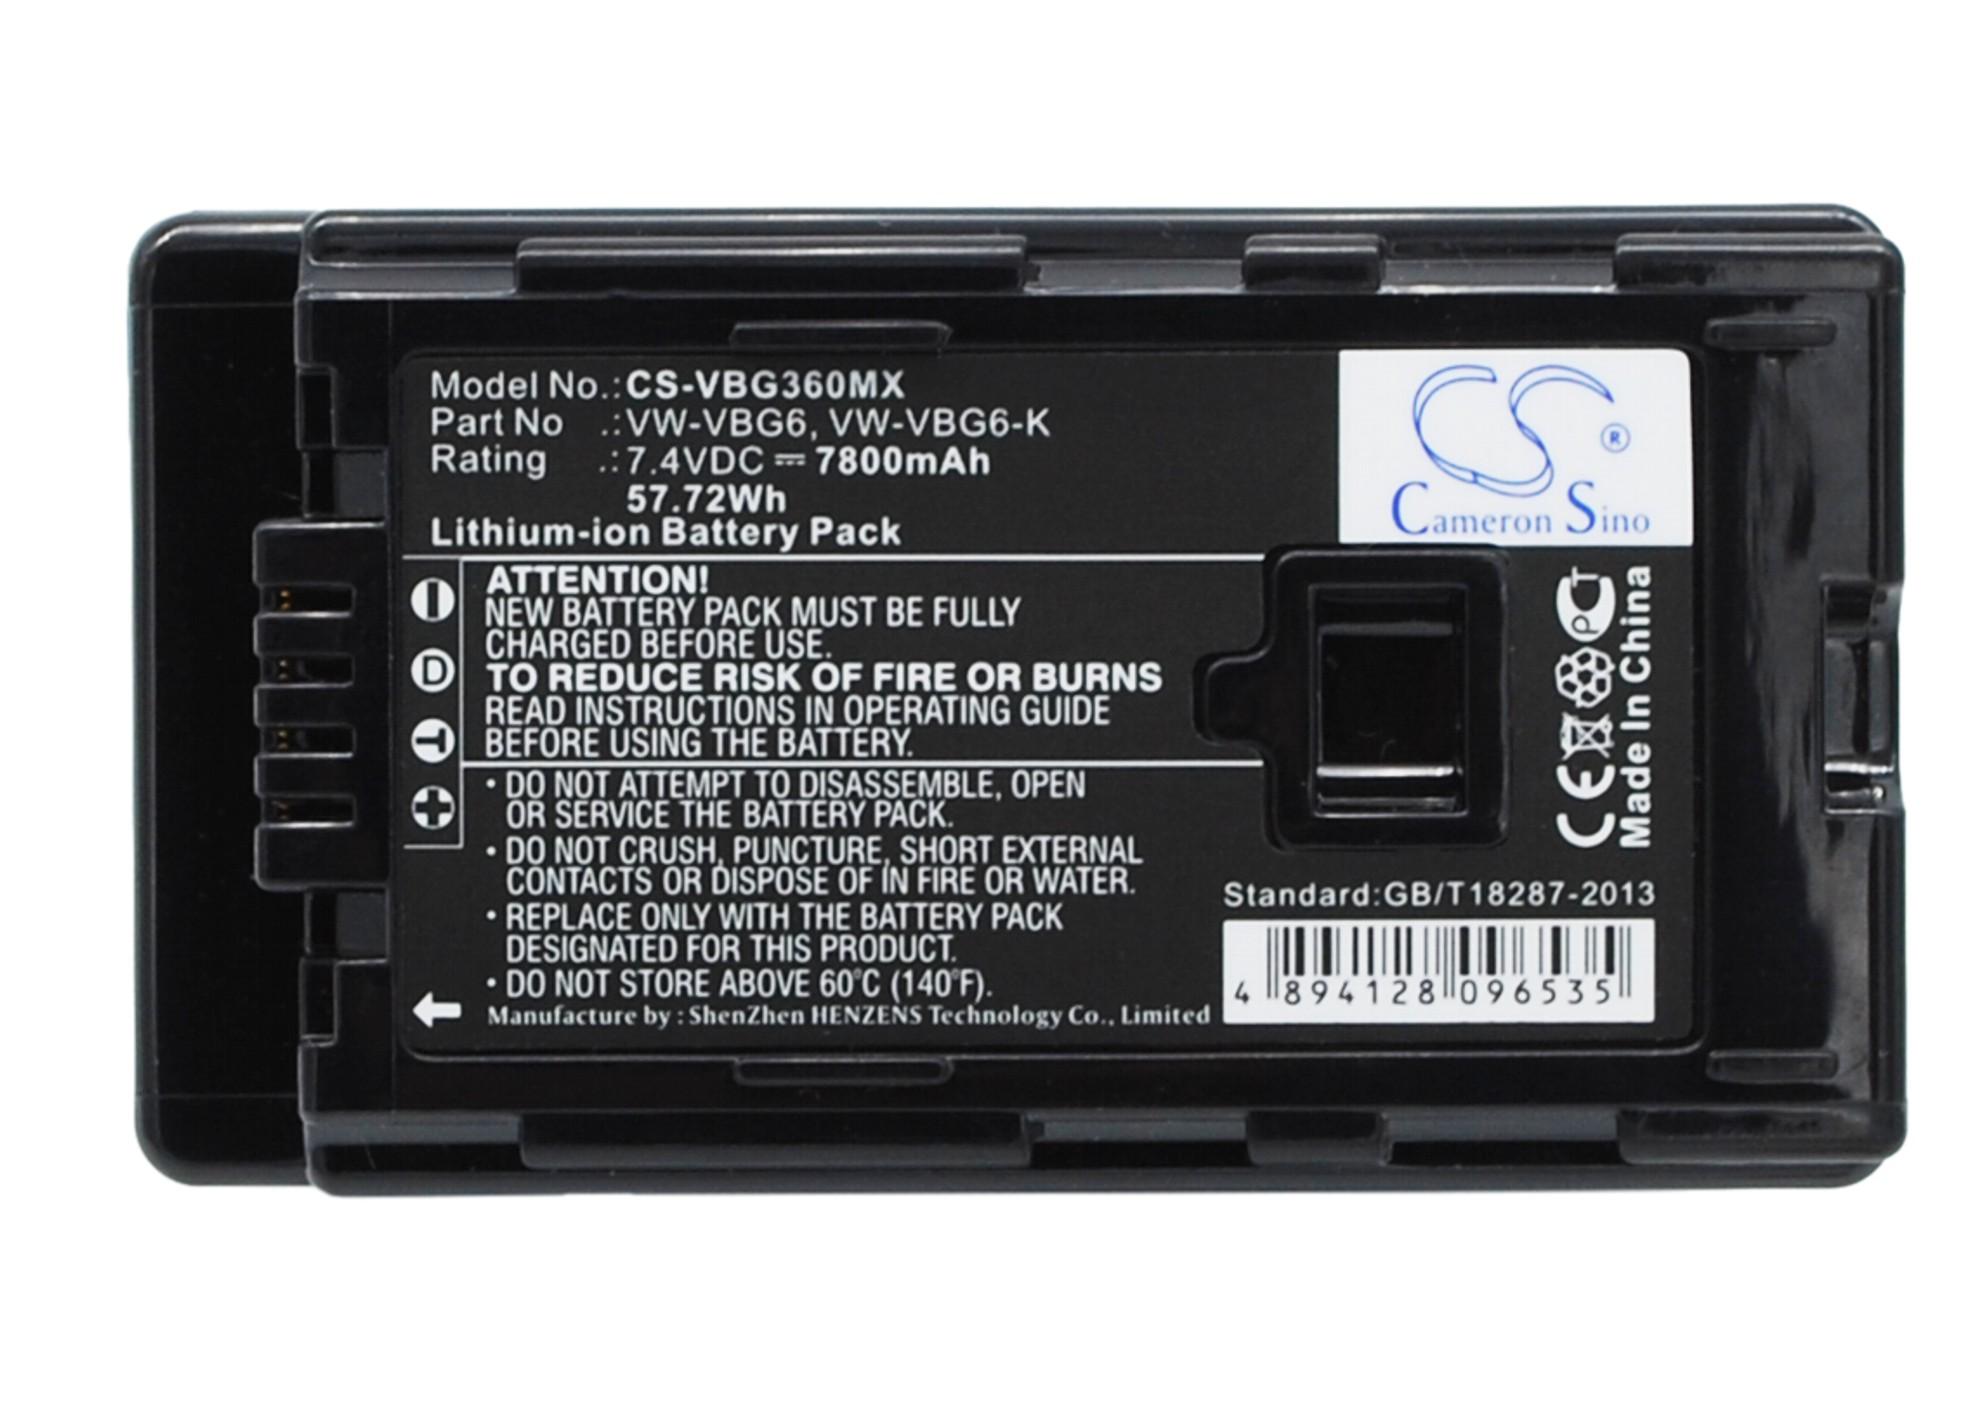 Cameron Sino baterie do kamer a fotoaparátů pro PANASONIC HDC-DX1 7.4V Li-ion 7800mAh černá - neoriginální